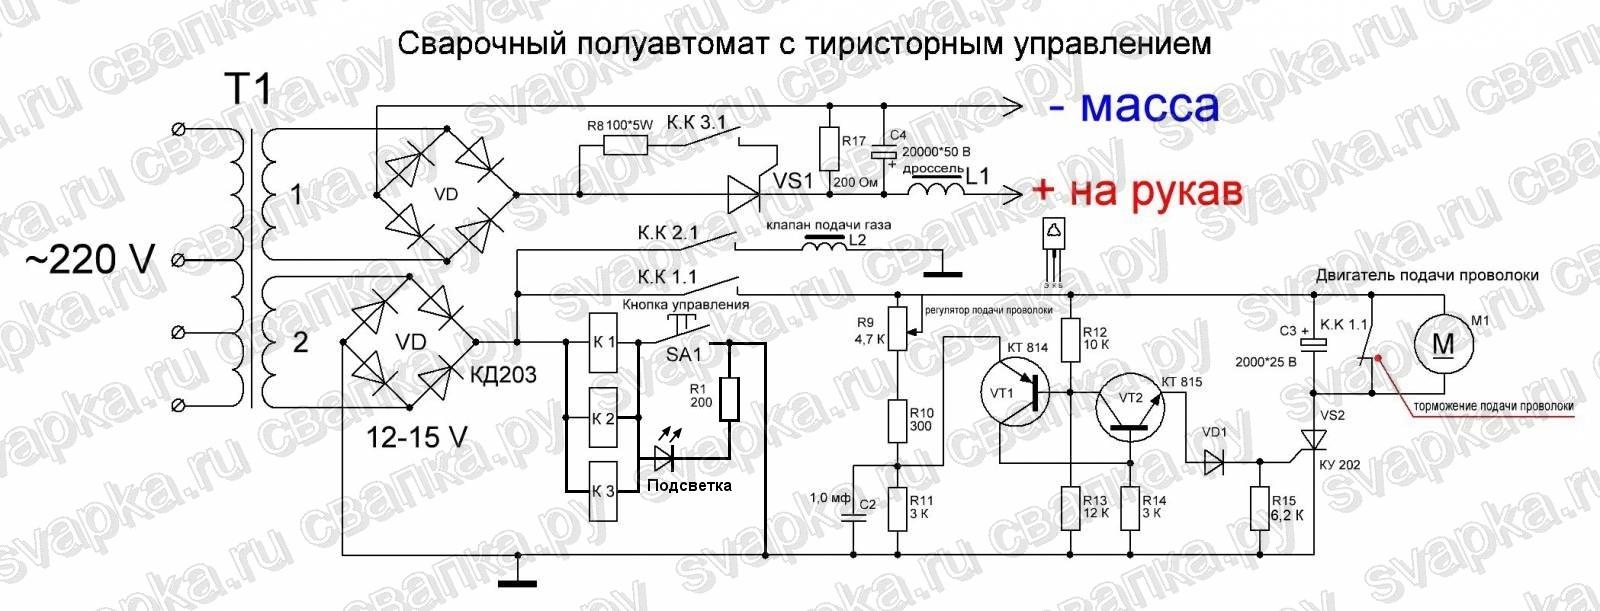 Тиристорный регулятор управления двигателем постоянного тока схема.